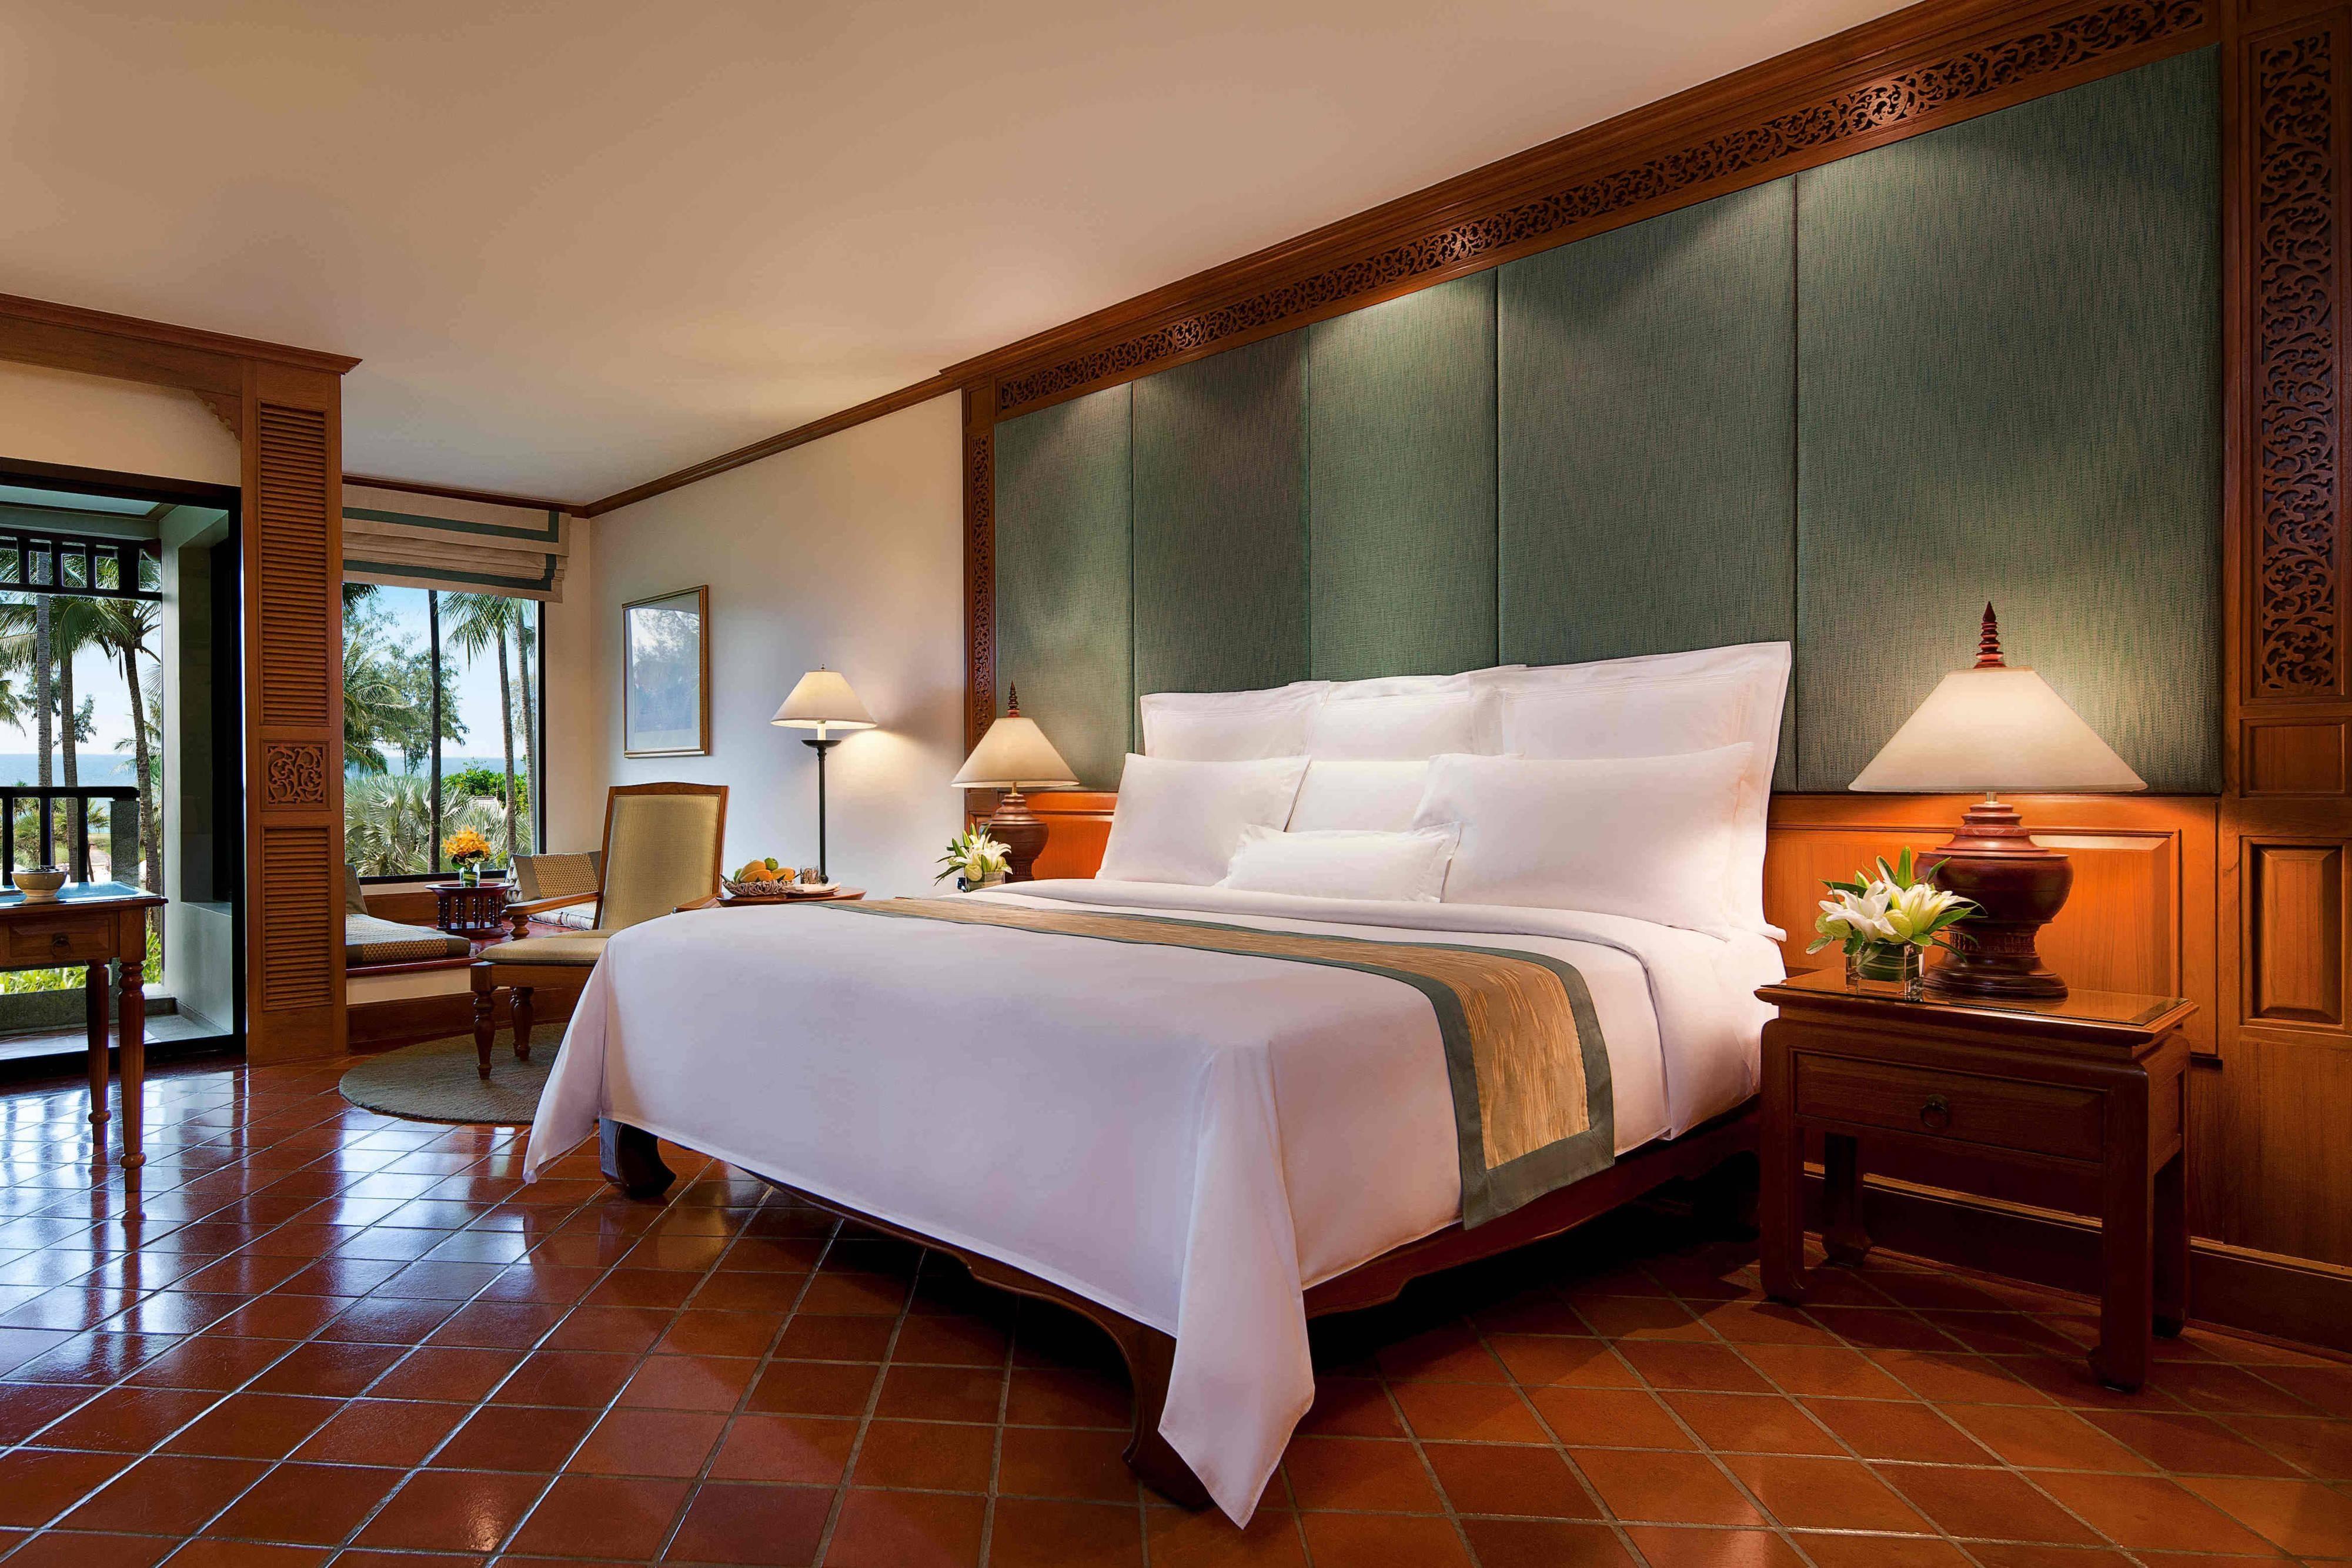 Phuket Deluxe Room